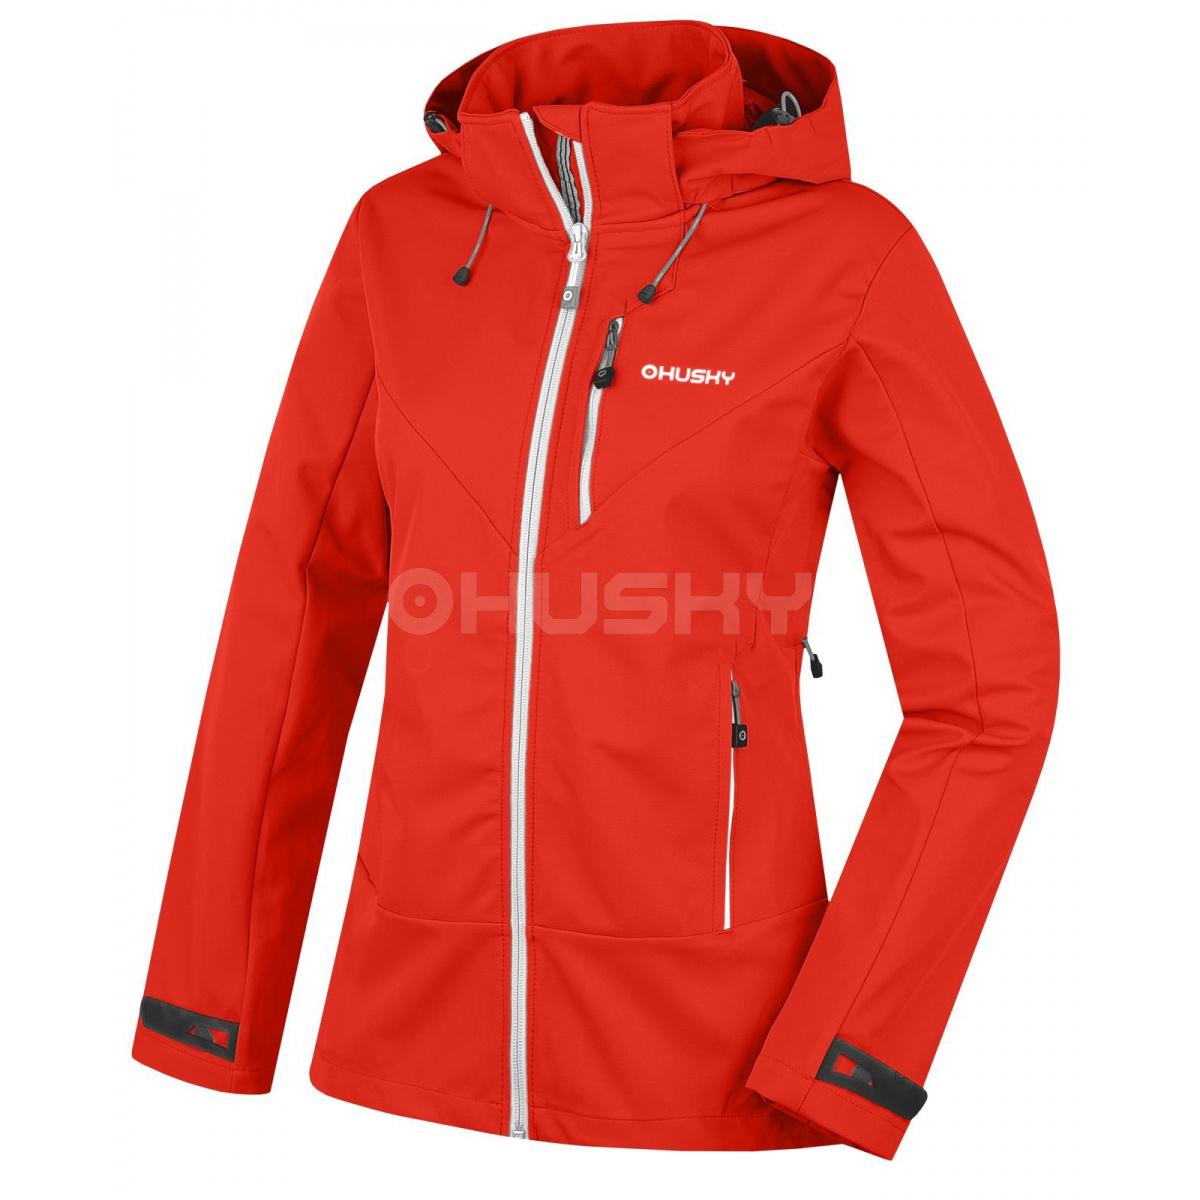 Dámská outdoor bunda - Spoly L – červená  00b04ddcd29